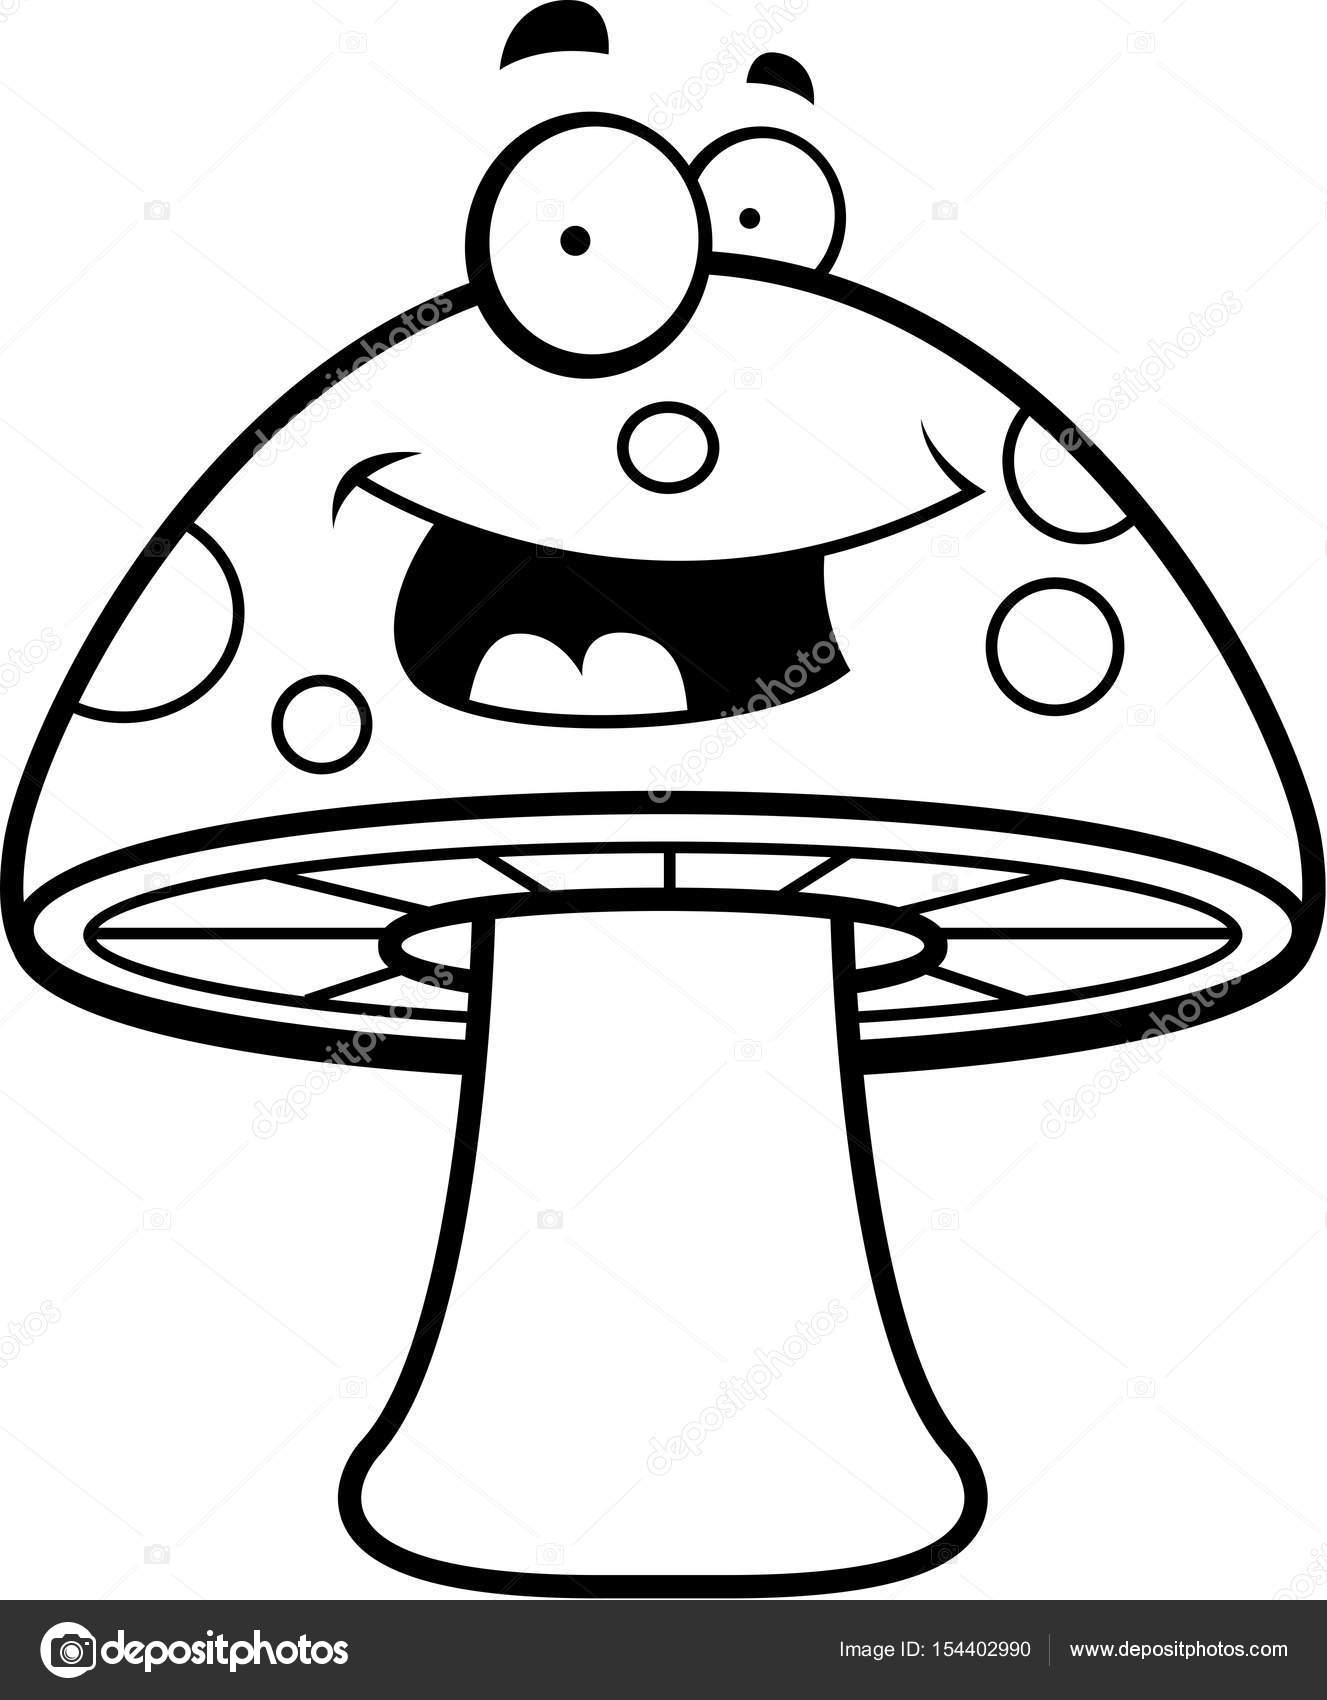 Cartoon Magic Mushroom — Stock Vector © cthoman #154402990